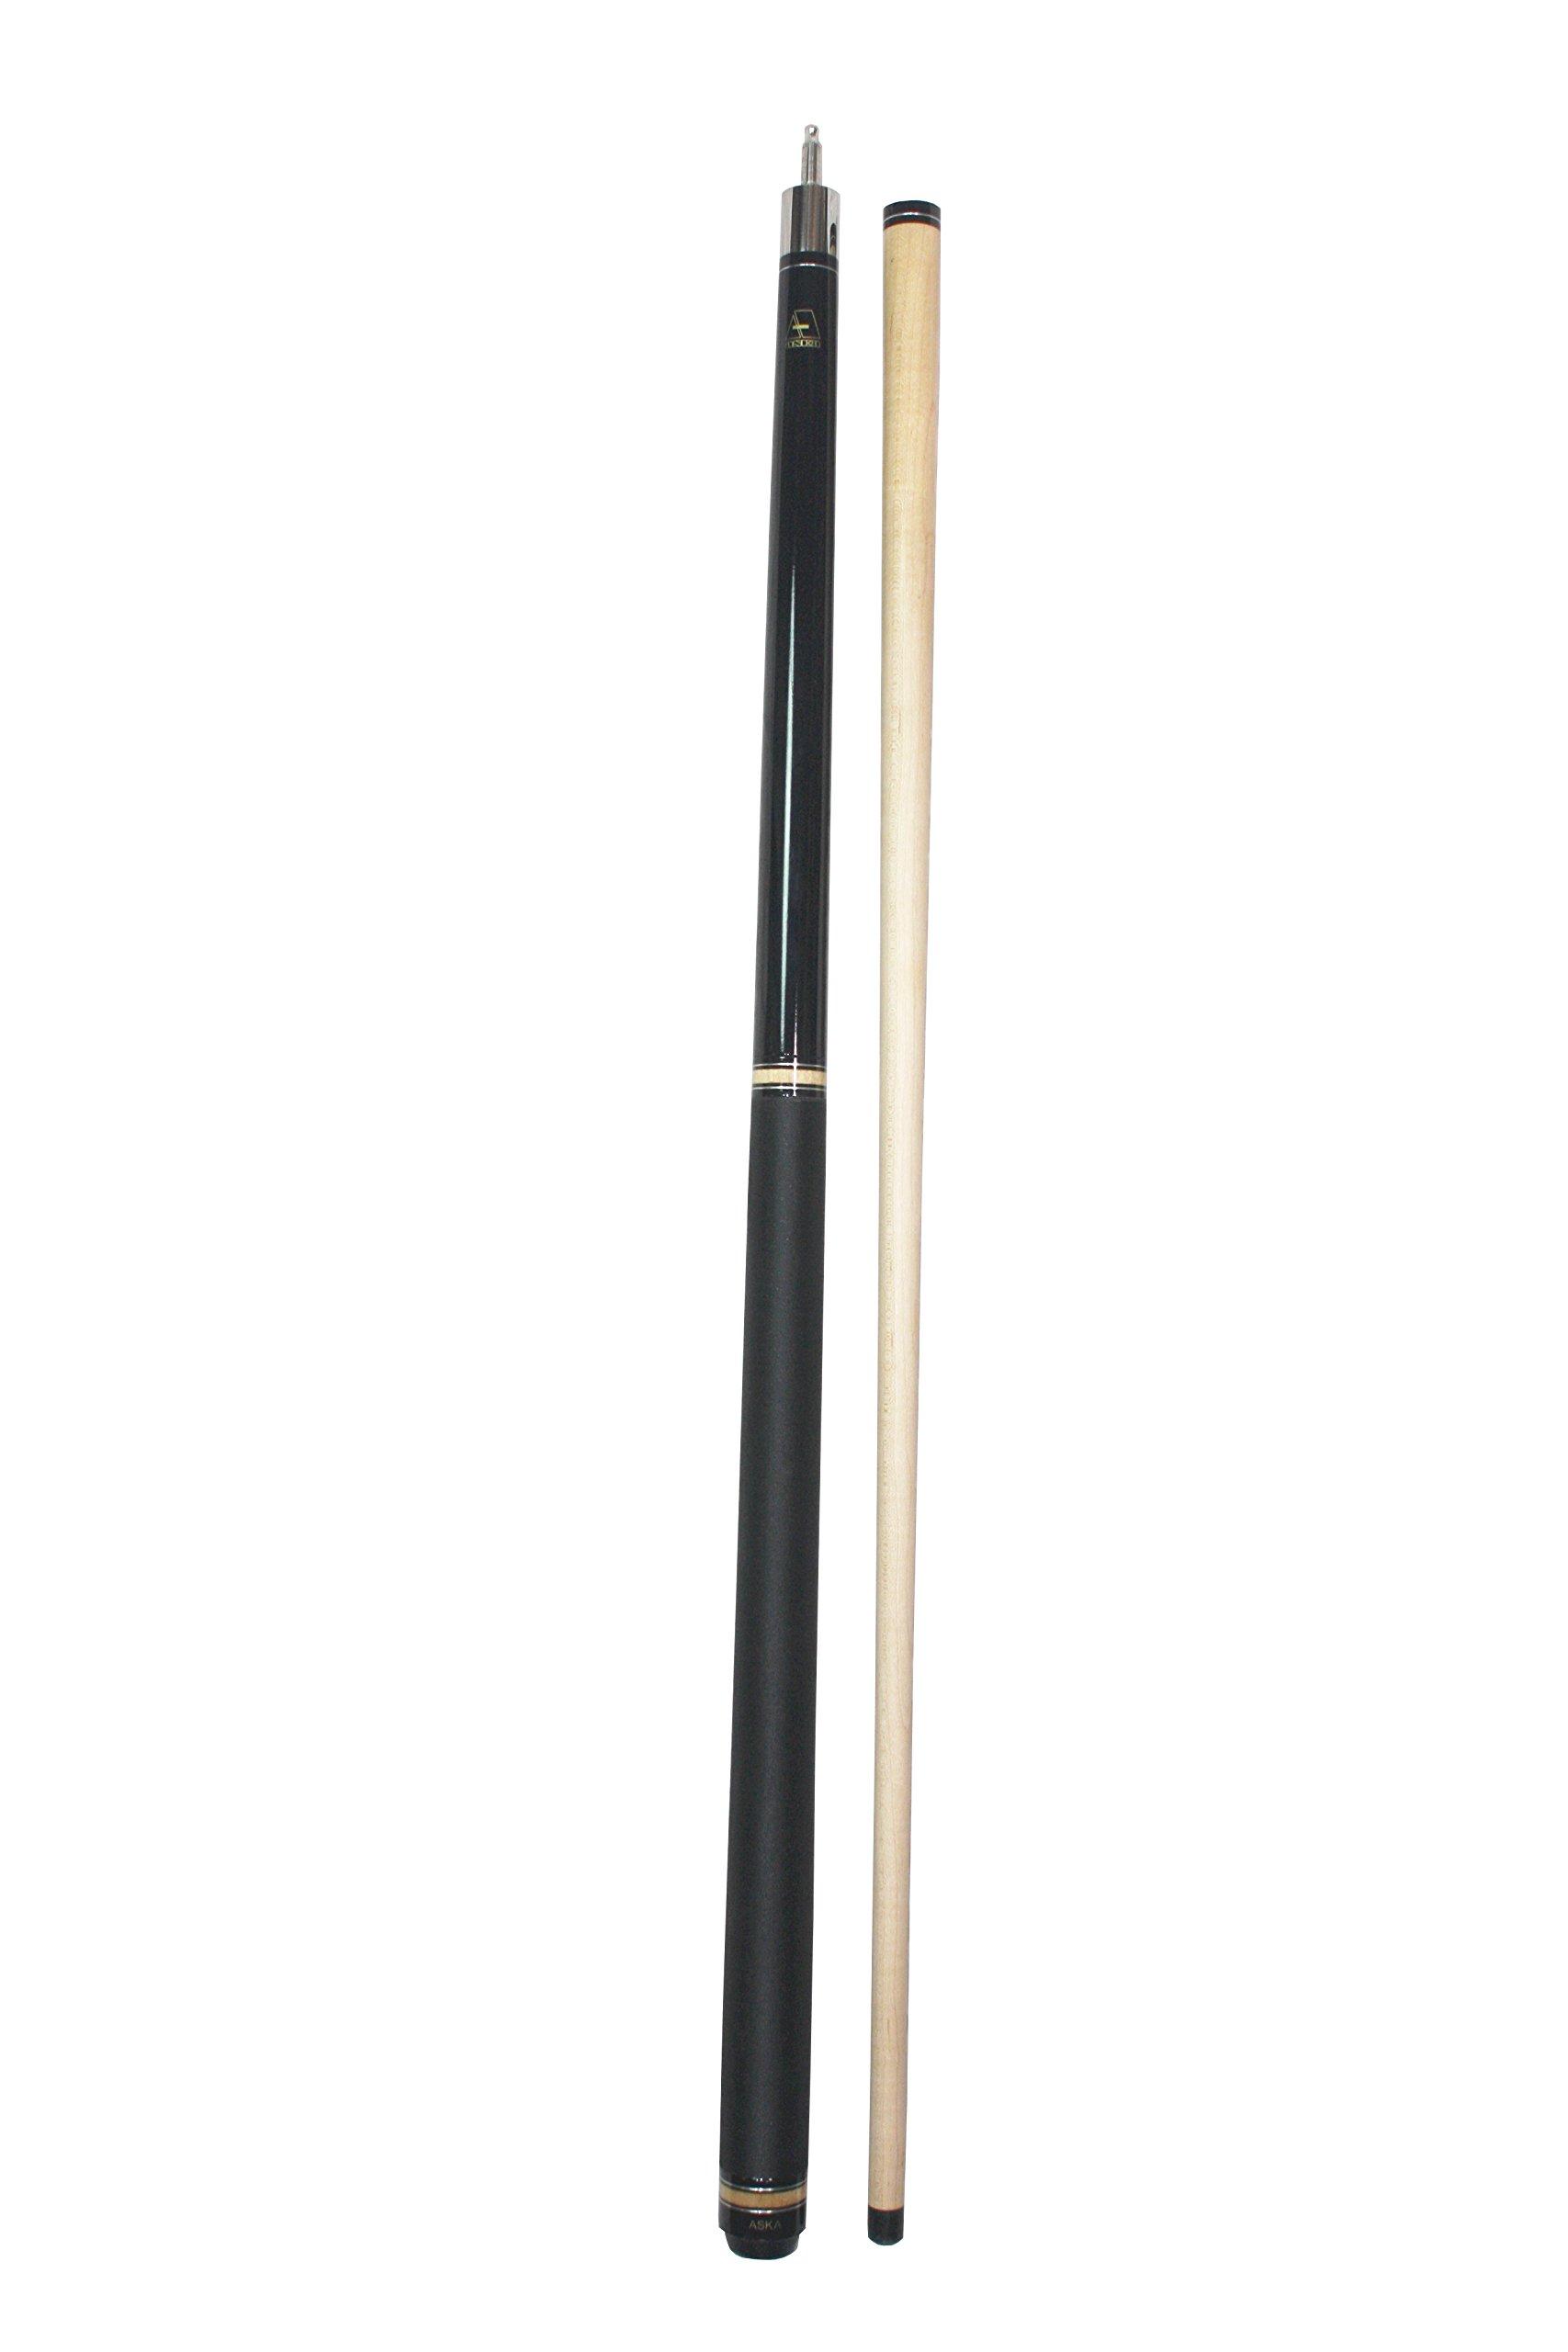 Aska 25-Ounce Heavy Jump Break Cue Stick JBC Black, 3-Piece Jump/Break Cue Stick